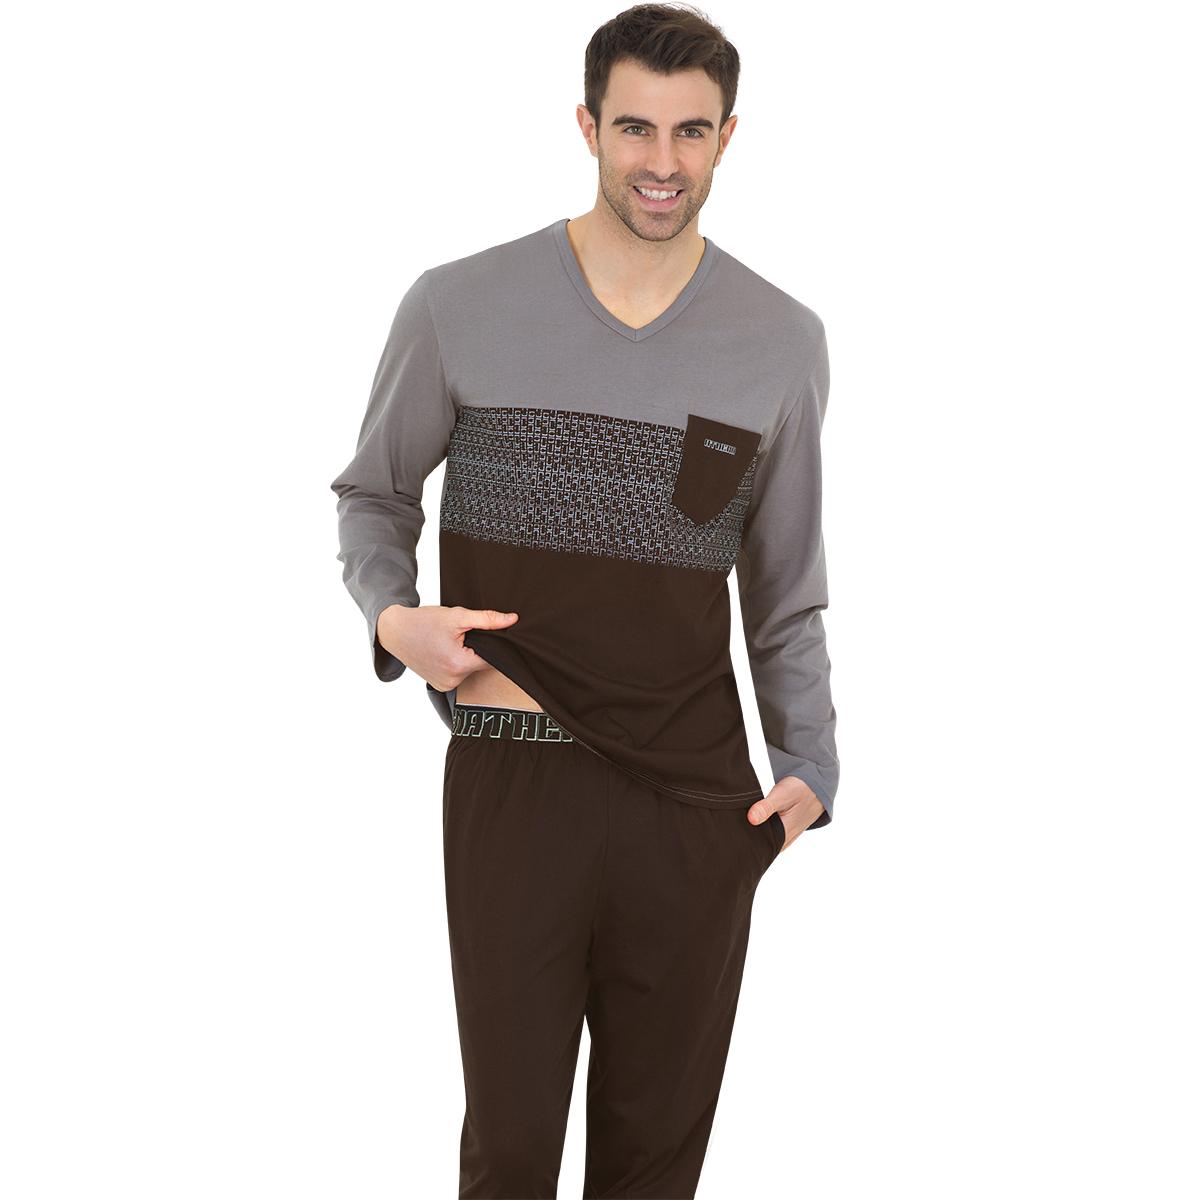 Pyjama long homme Chic Athena. Pyjama long col V ATHENA homme noir et gris:    Ce pyjashort de la marque Athena est un vêtement de nuit alliant